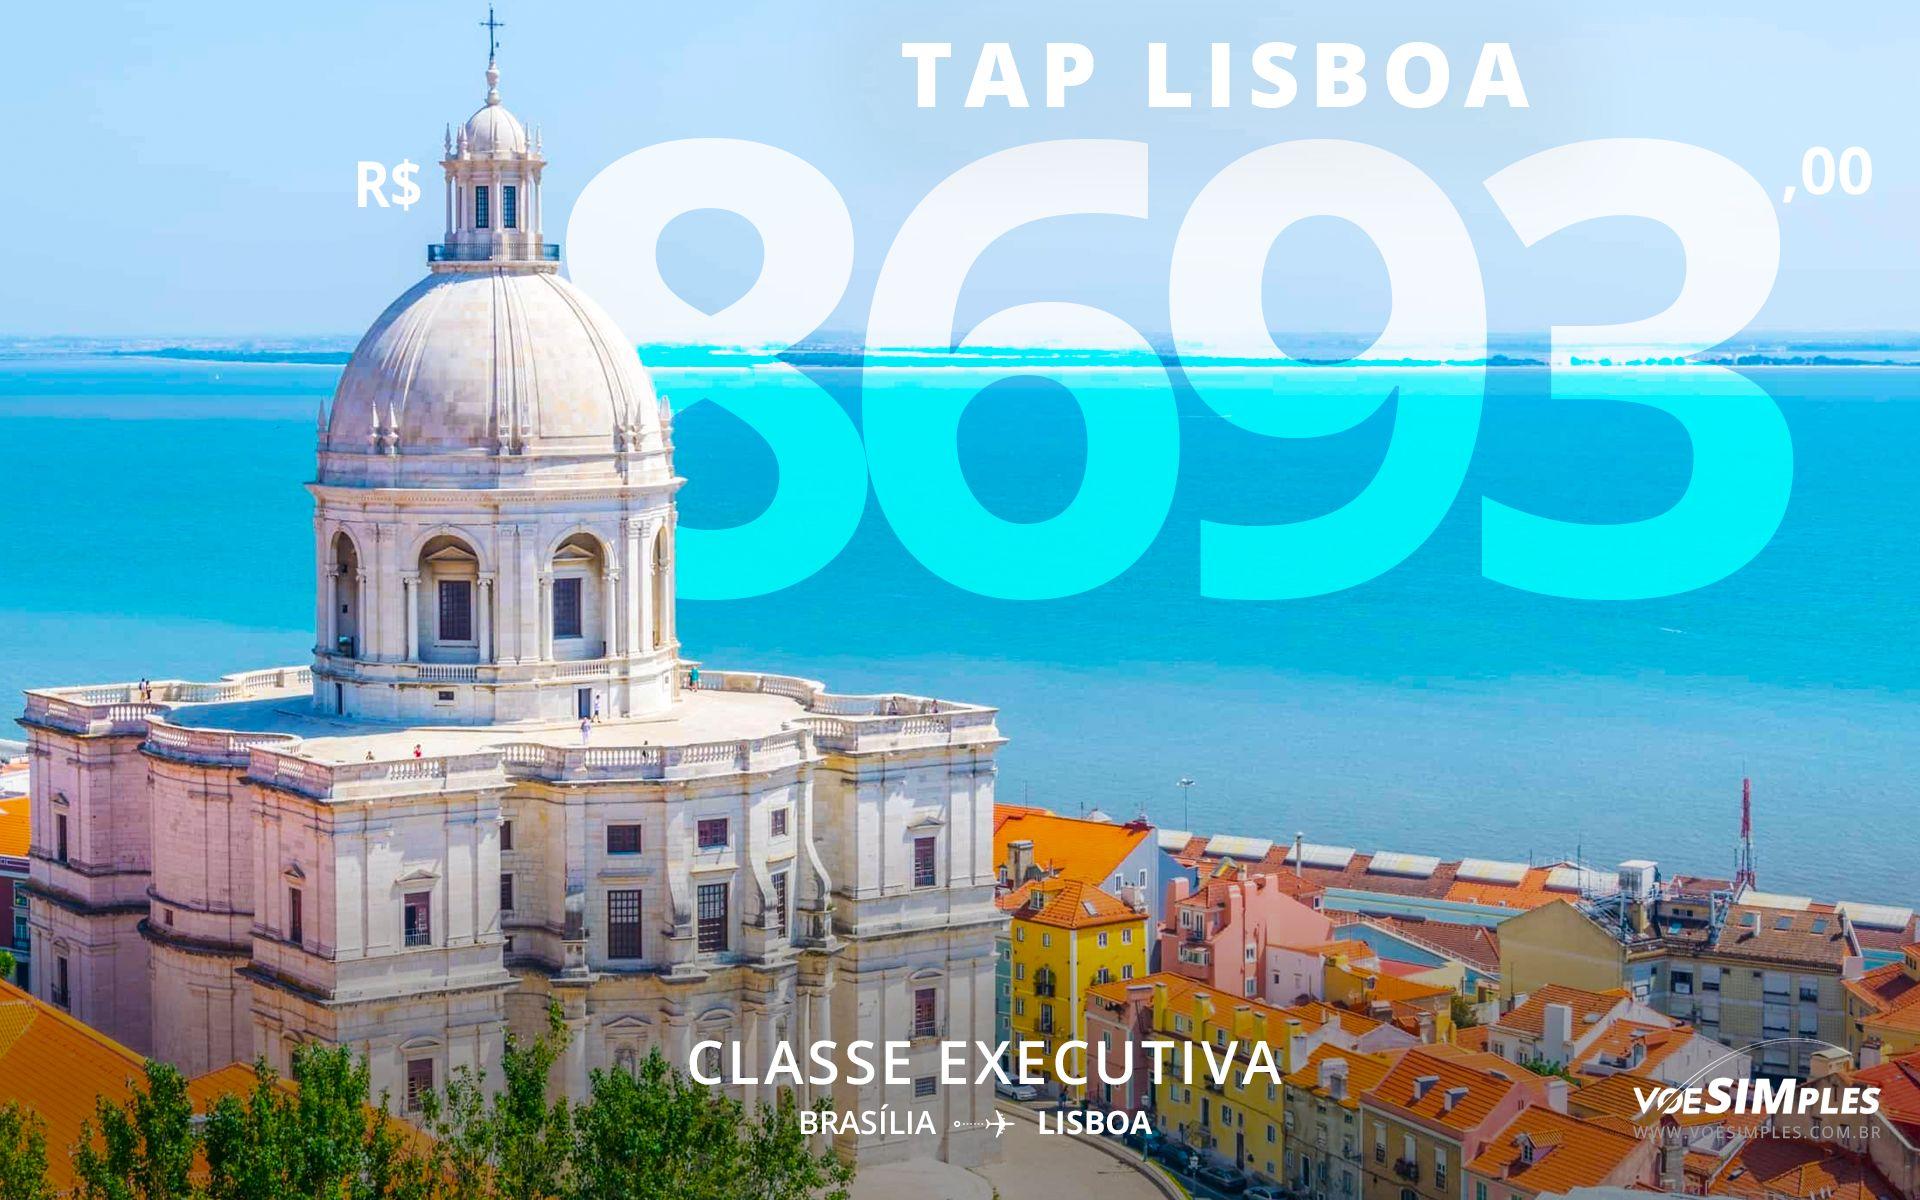 Promoção Tap passagem executiva com voo direto de Brasilia para Lisboa por R$ 8.693,00 ida e volta com taxas! » Voe Simples Passagens Aéreas Promocionais - Voe Simples